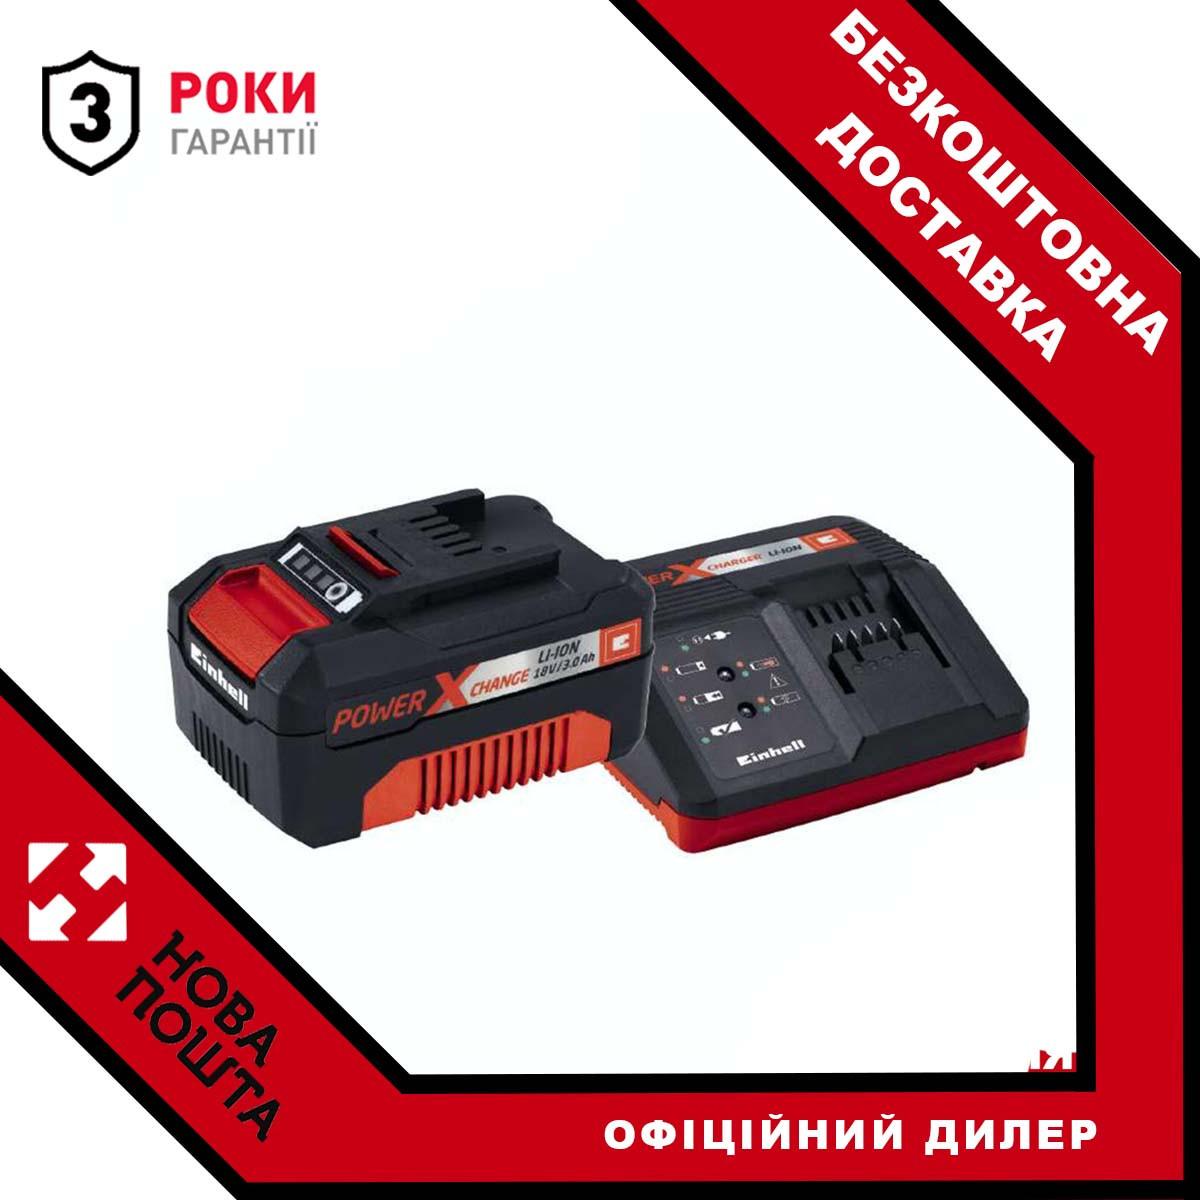 Зарядний пристрій і акумулятор 18V 3,0 Ач Starter Kit Power-X-Change